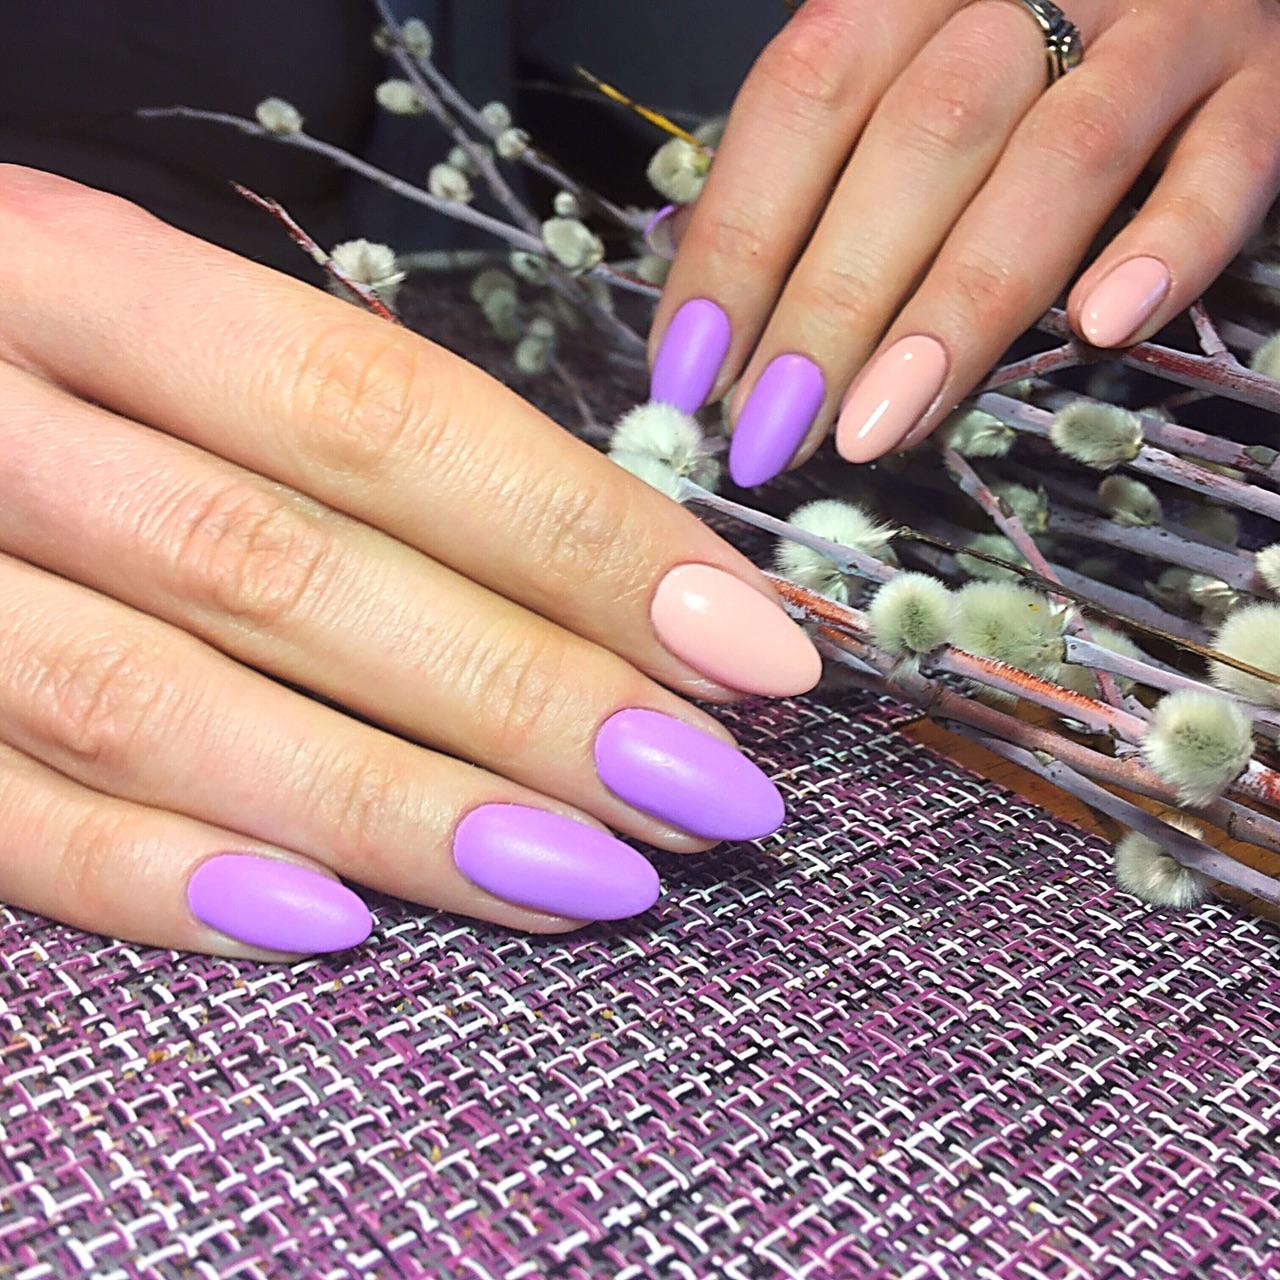 Маникюр в фиолетовом цвете.